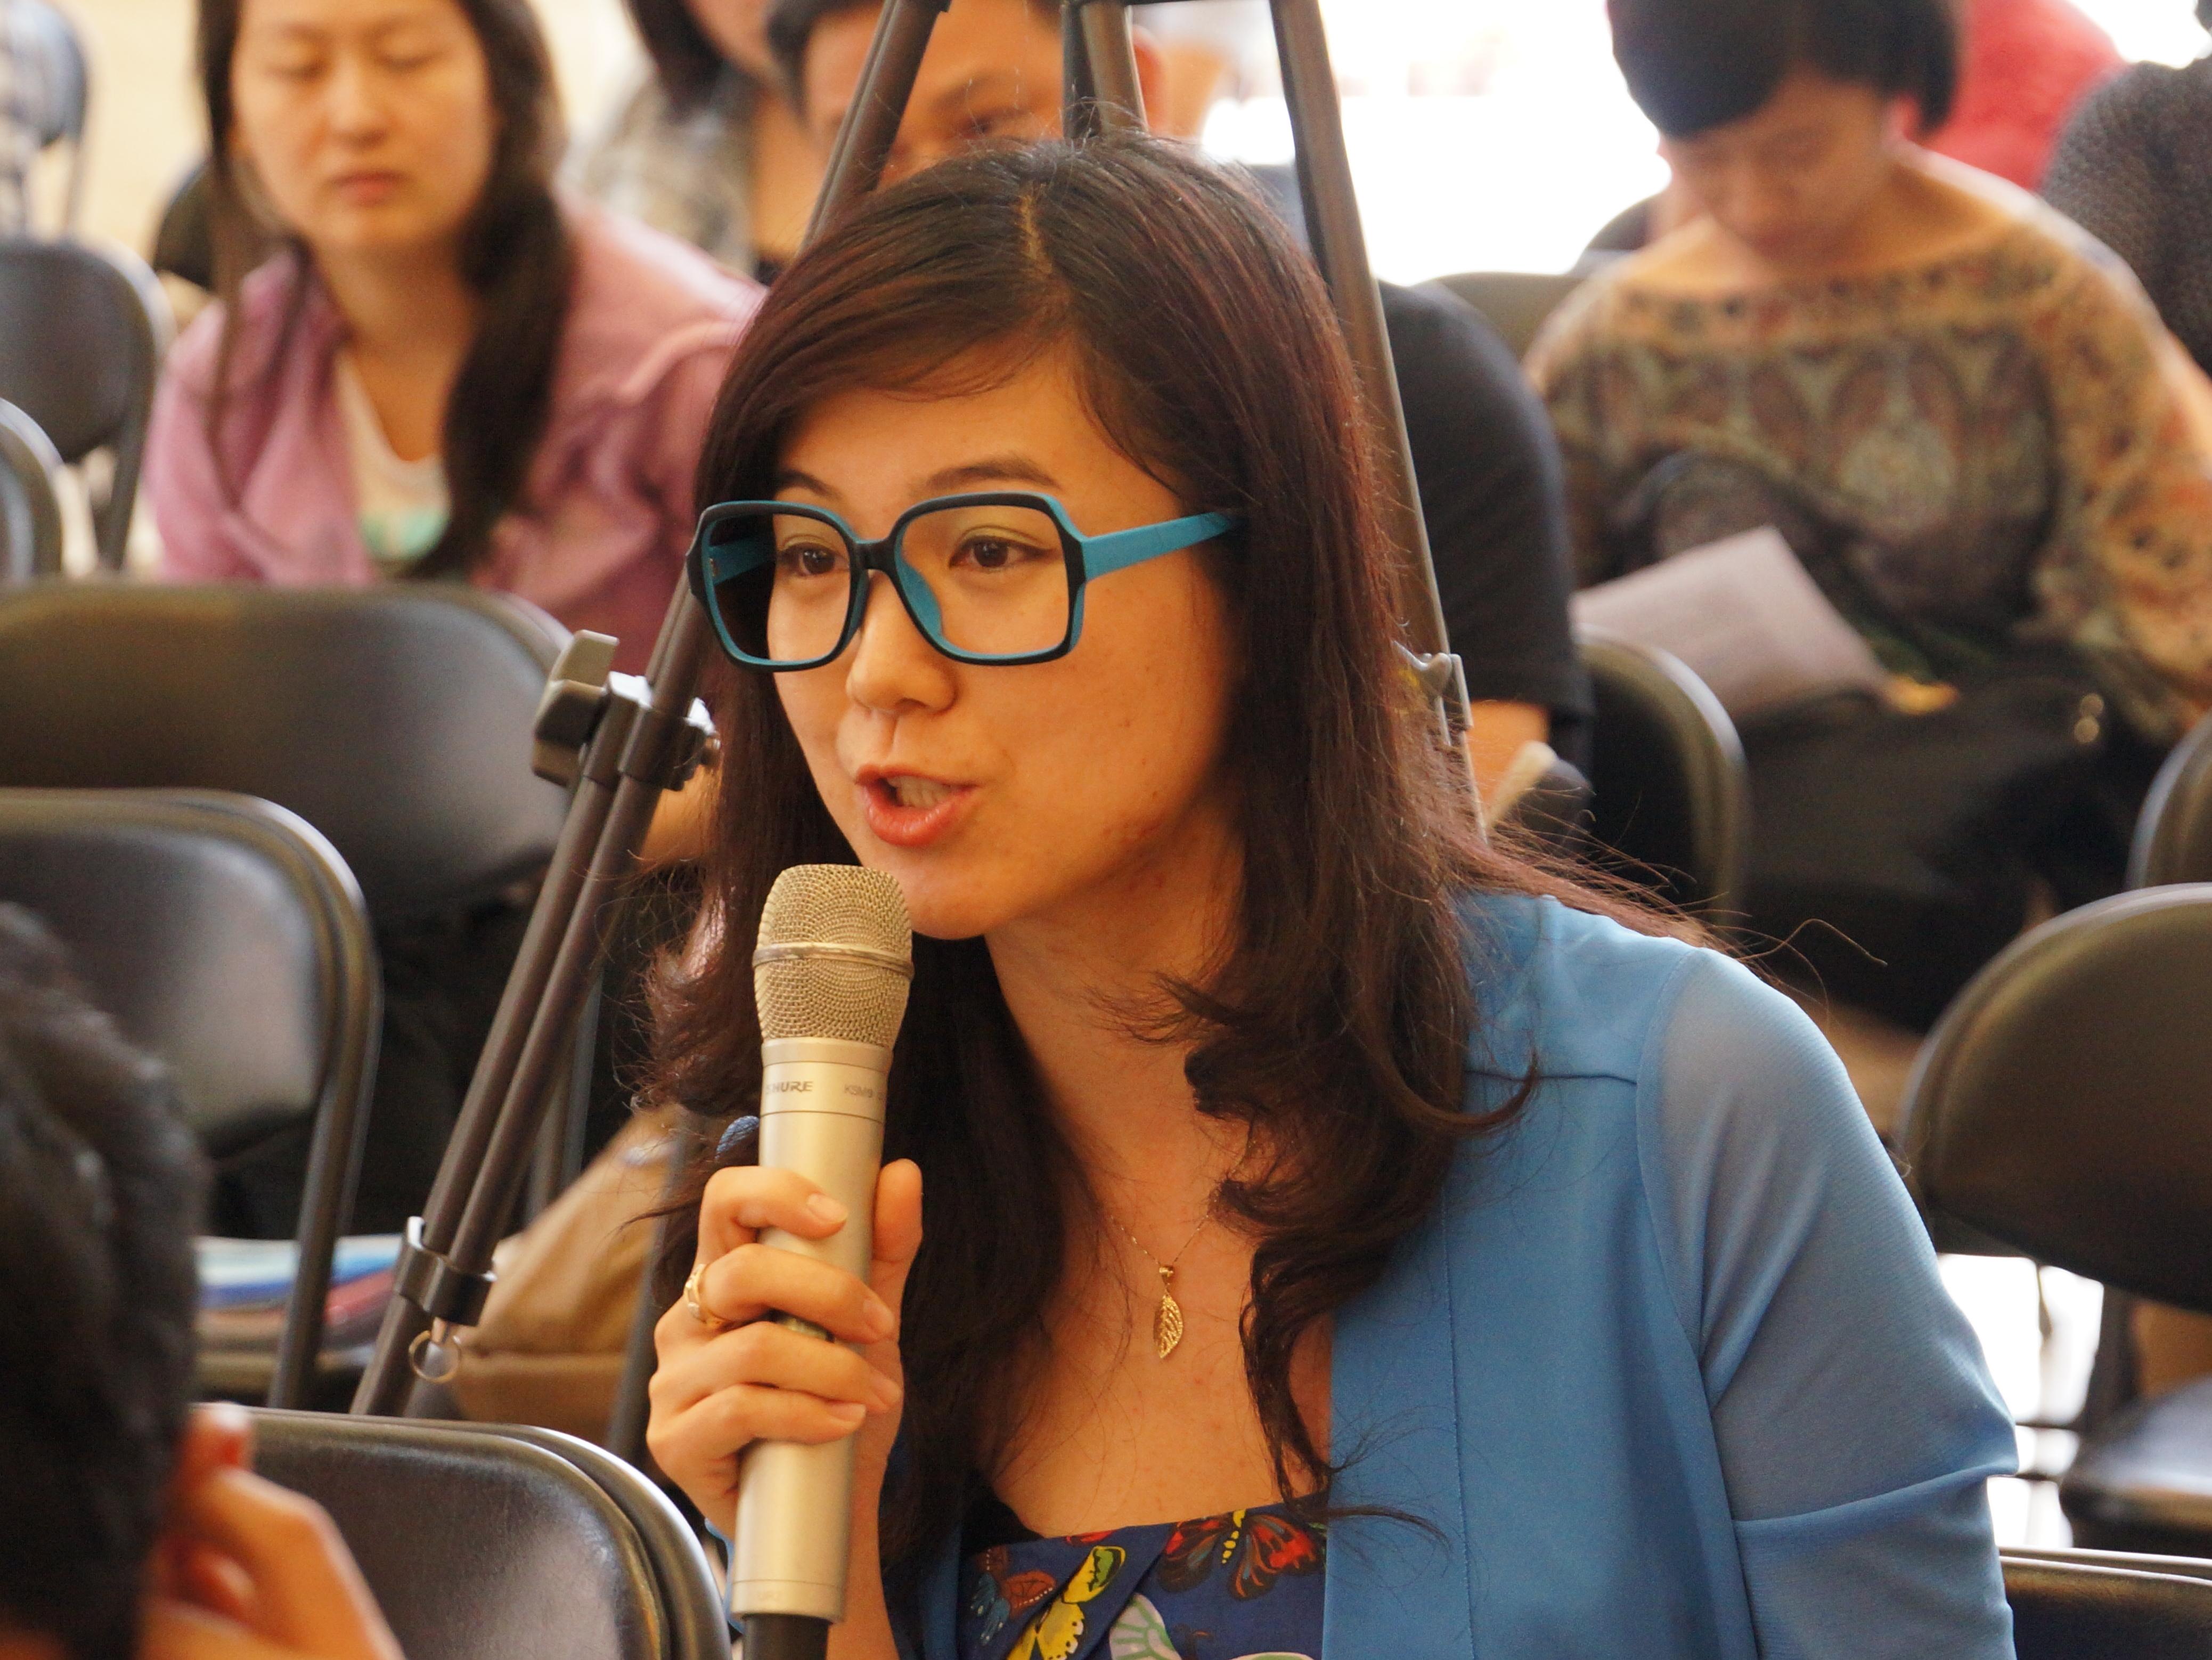 2013年5月22日下午2时30分,文化部举行新闻发布会介绍中国民族器乐民间月中组合展演有关情况。图为海峡之声记者提问。文化部政府门户网站记者杨倩 摄。